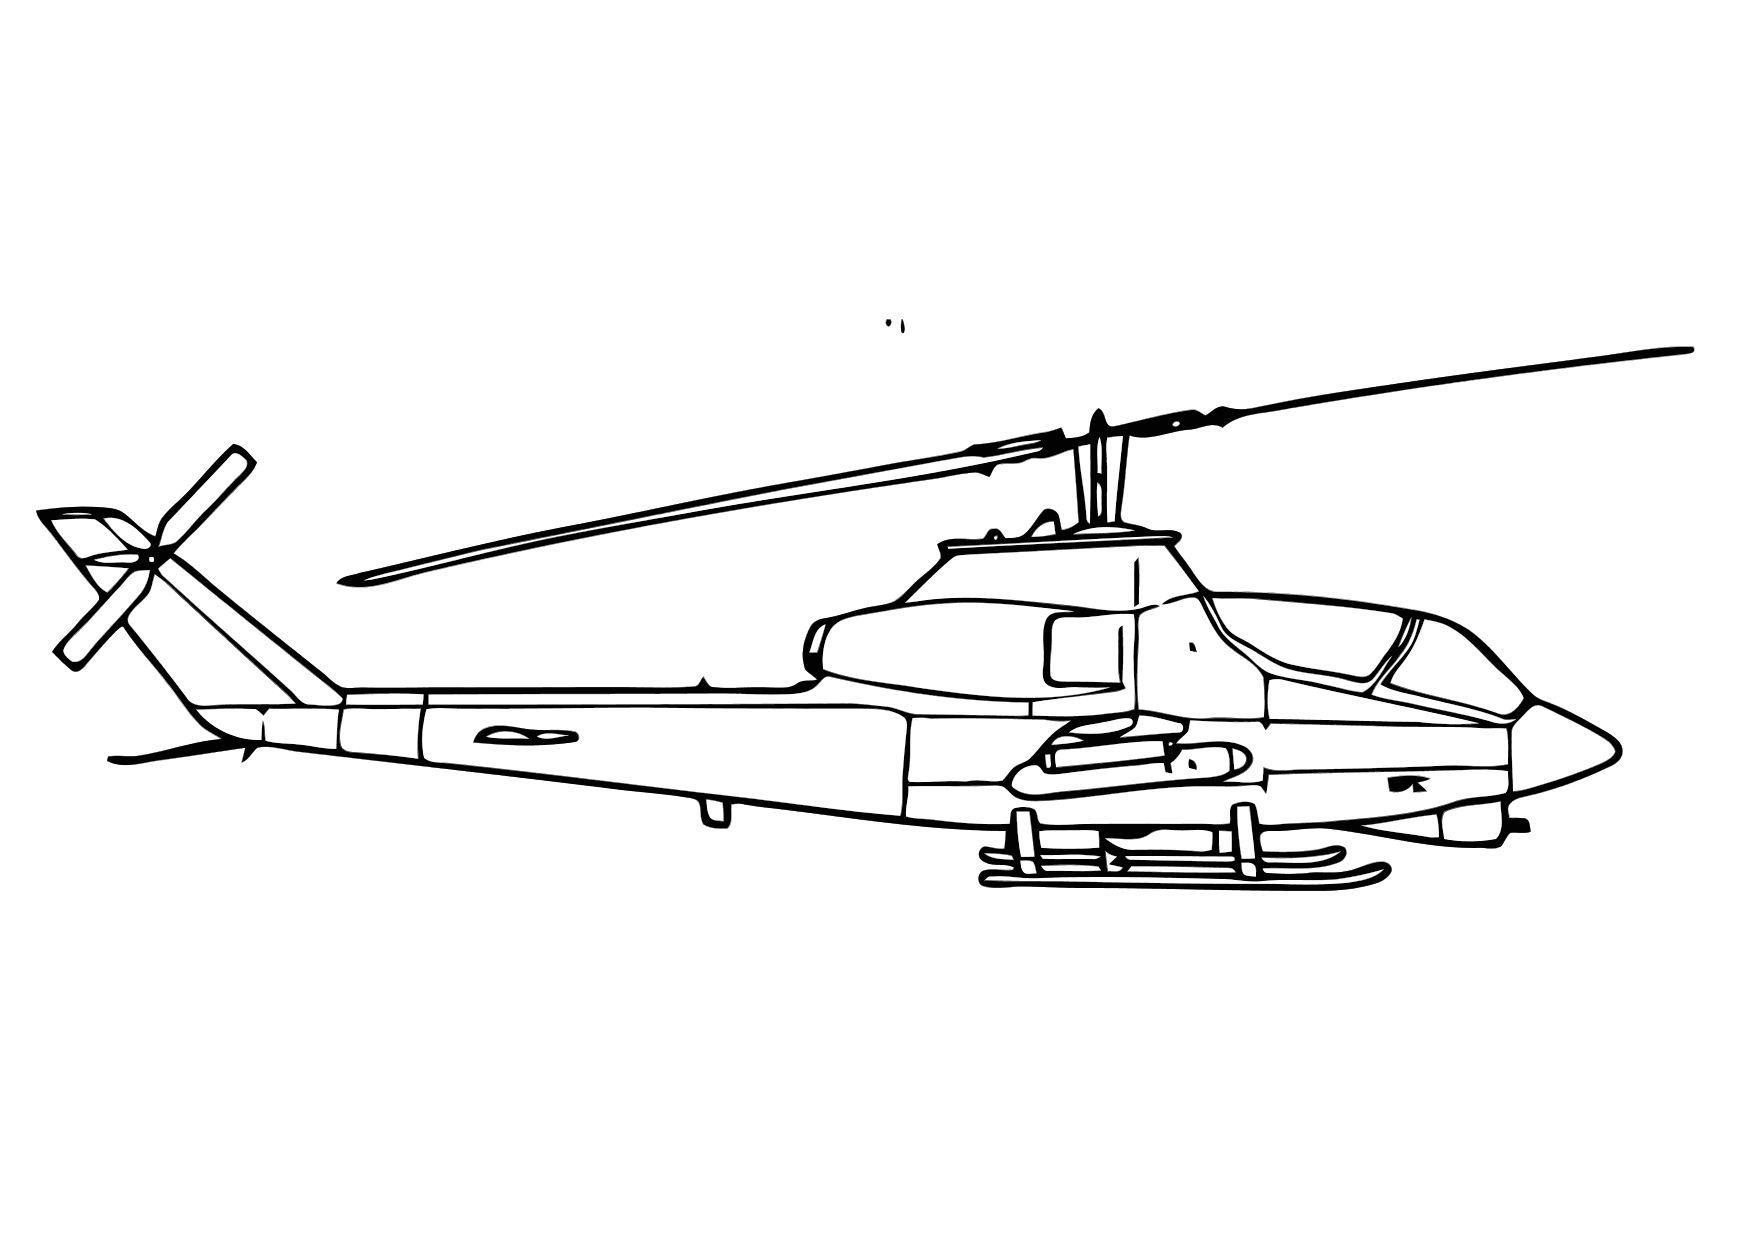 10 Besser Hubschrauber Malvorlage Begriff 2020 Warna Gambar Helikopter